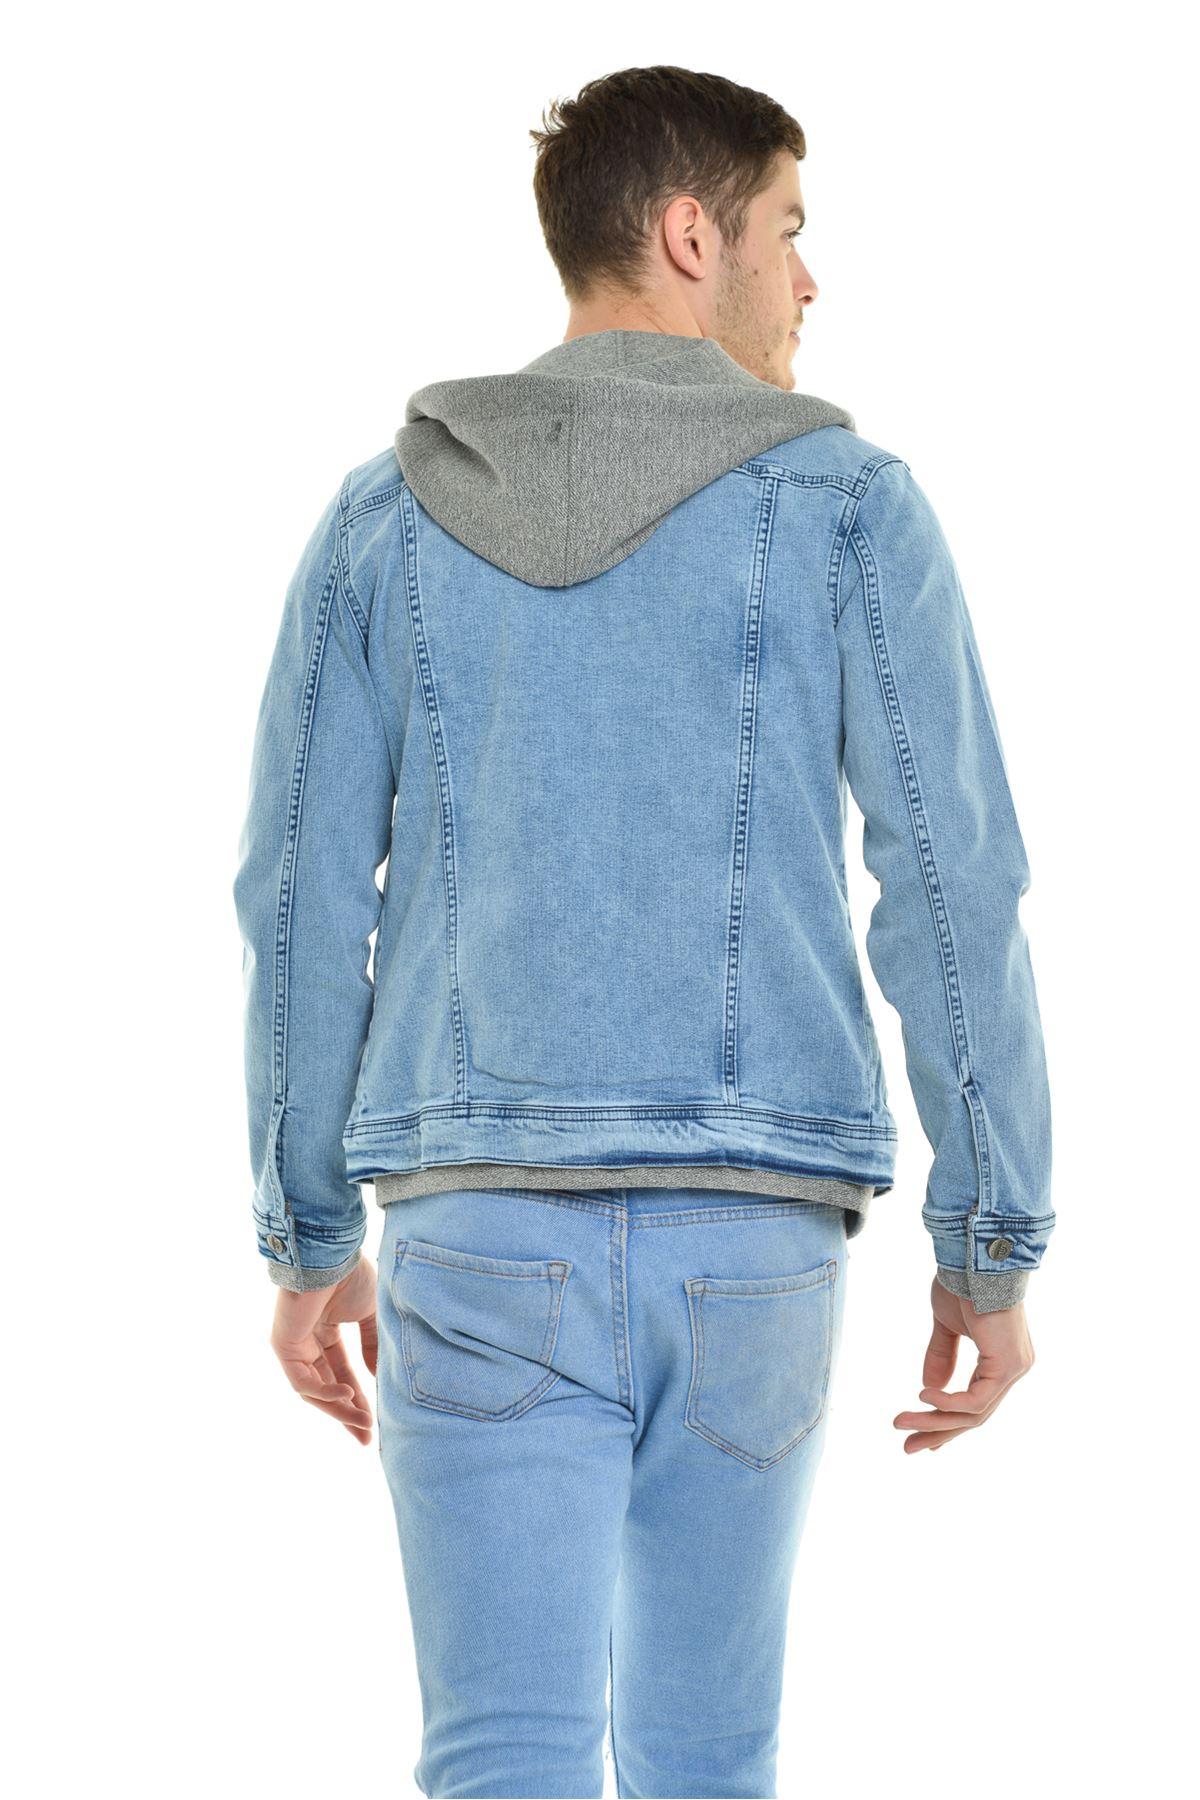 Erkek Kapüşonlu Ribana Detay Buz Mavi Yıkamalı Kot Ceket